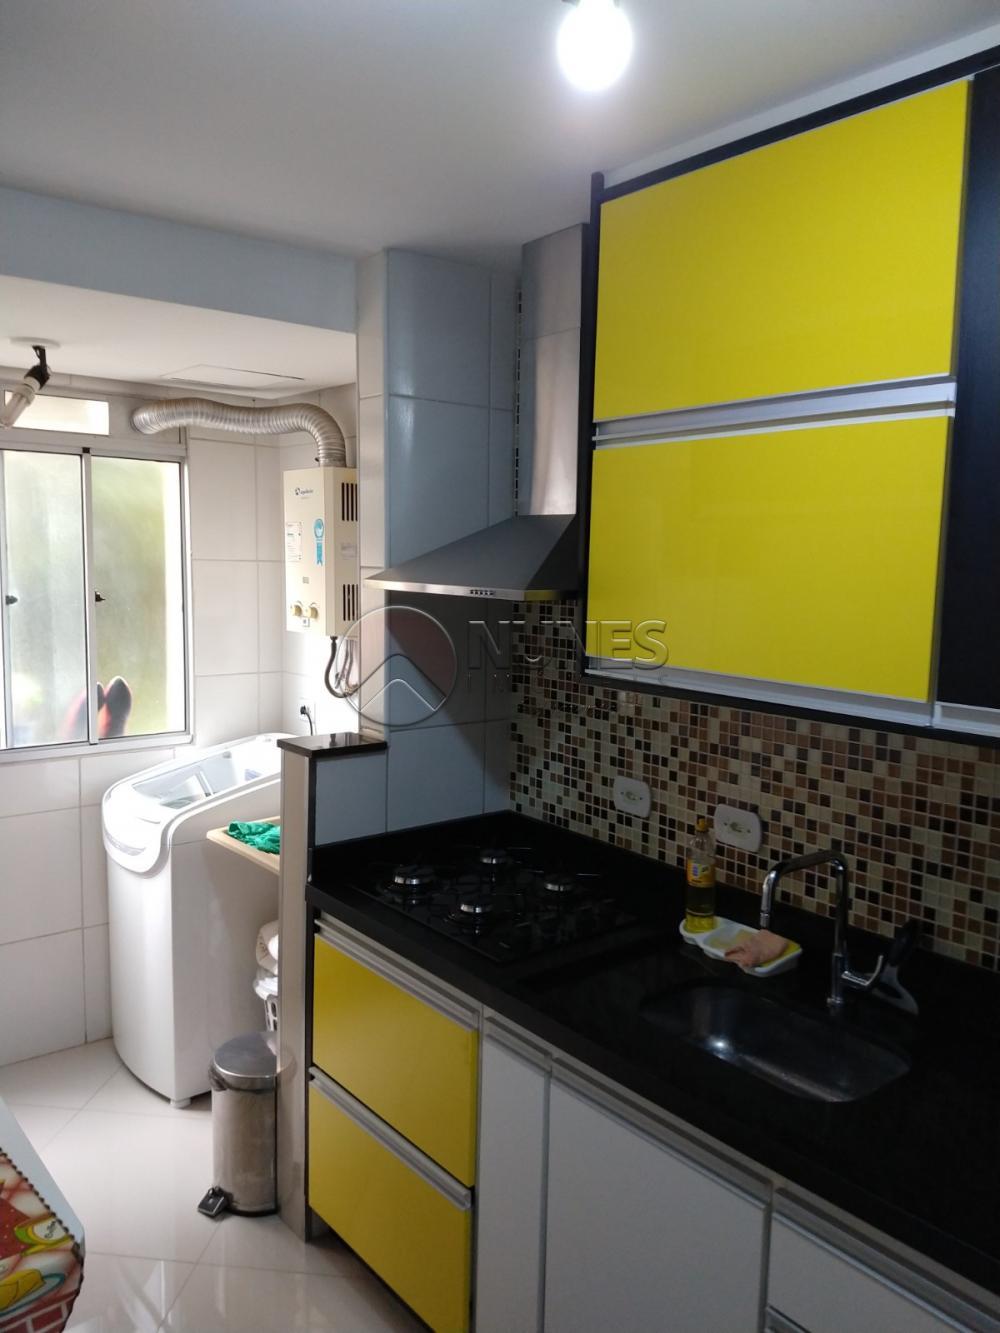 Comprar Apartamento / Padrão em Osasco apenas R$ 200.000,00 - Foto 7